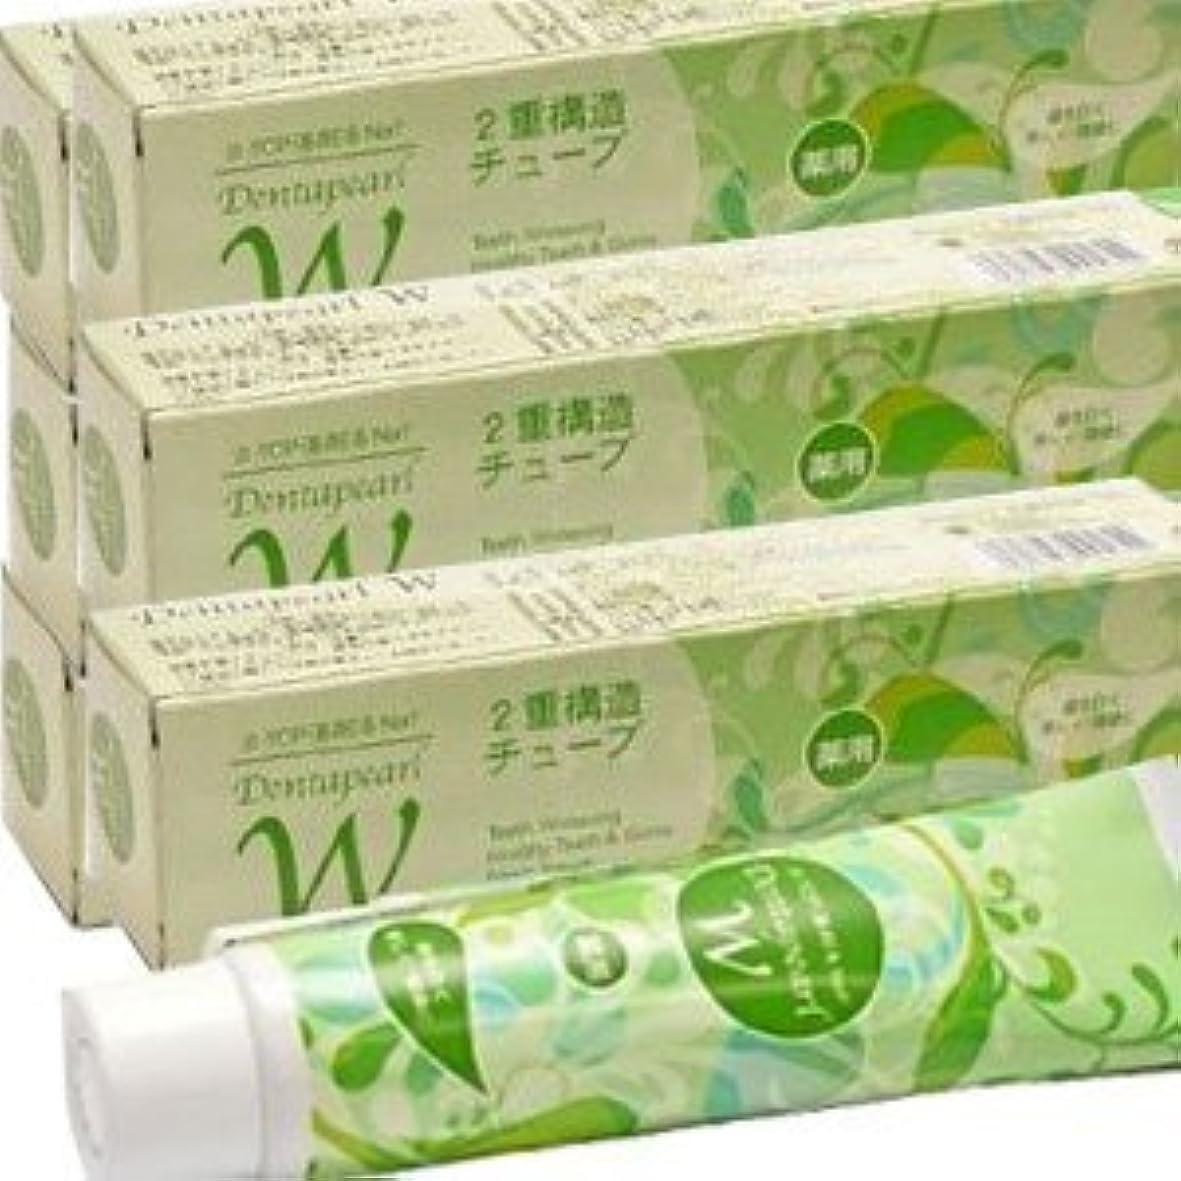 ジレンマ資産未満【6本】三宝製薬 デンタパールW 薬用歯磨き(2重構造チューブ) 108gx6本 (4961248005744)